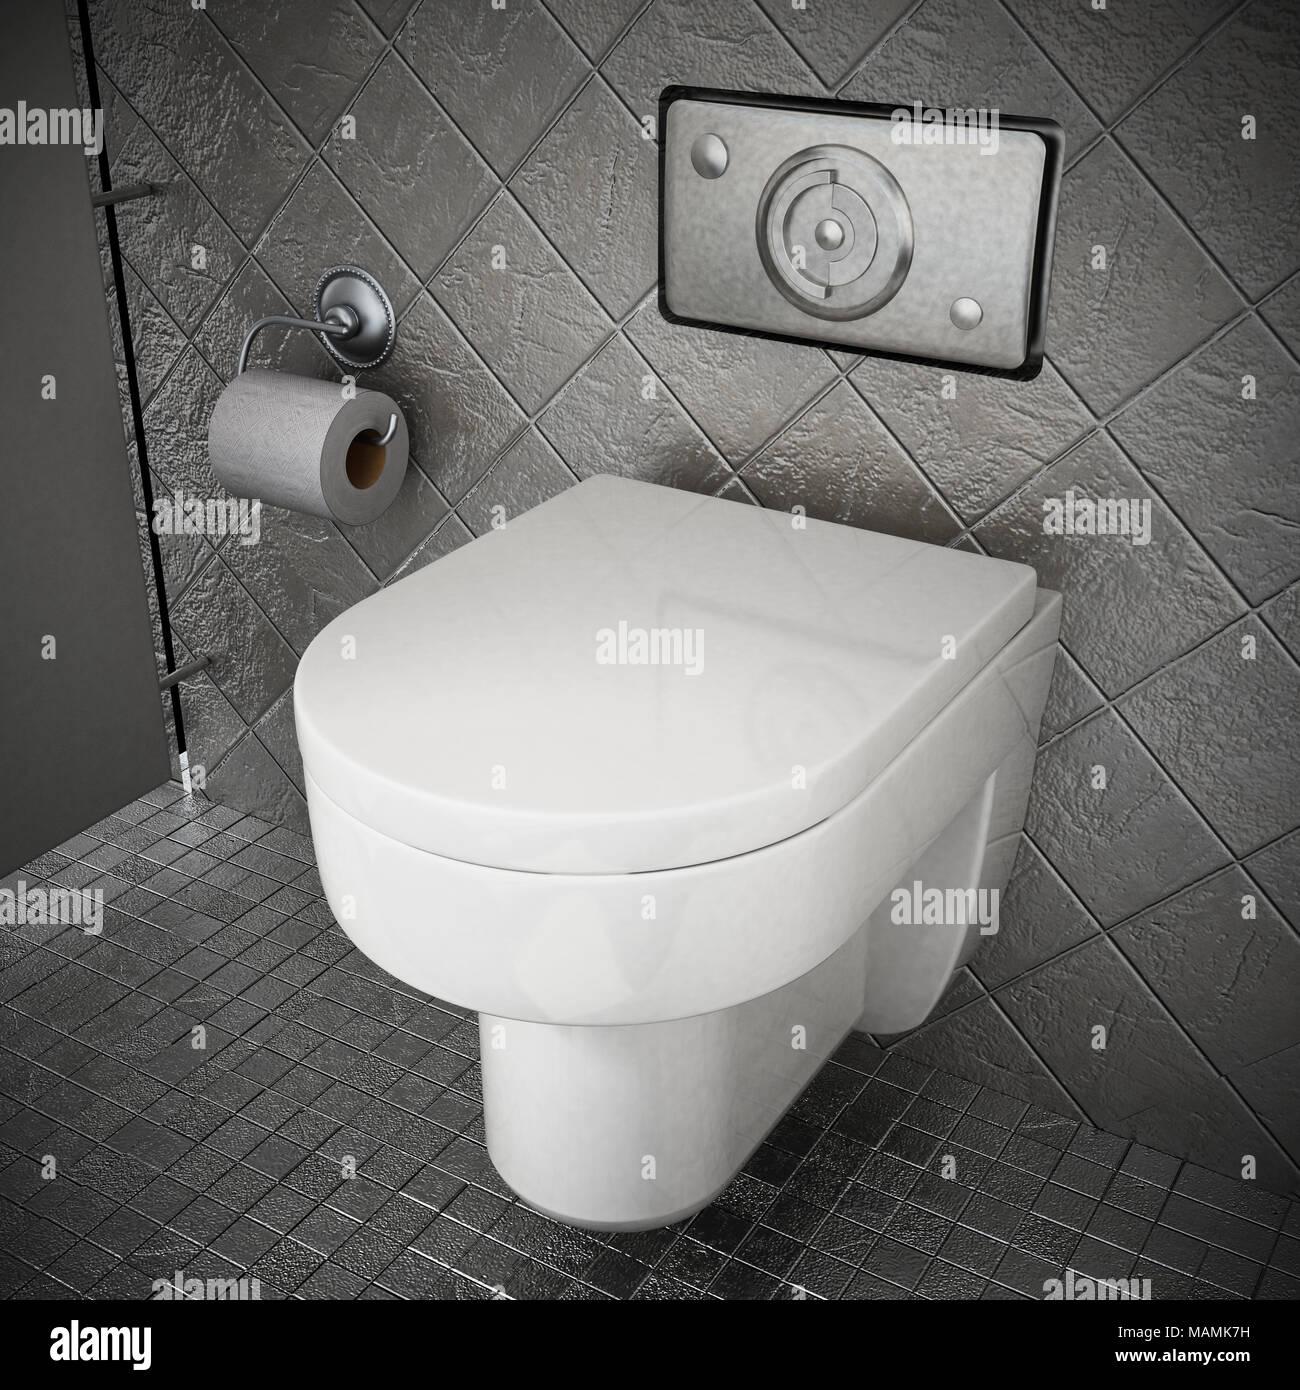 Moderne wc in Toilette mit grauen Steinen bedeckt. 3D-Darstellung ...